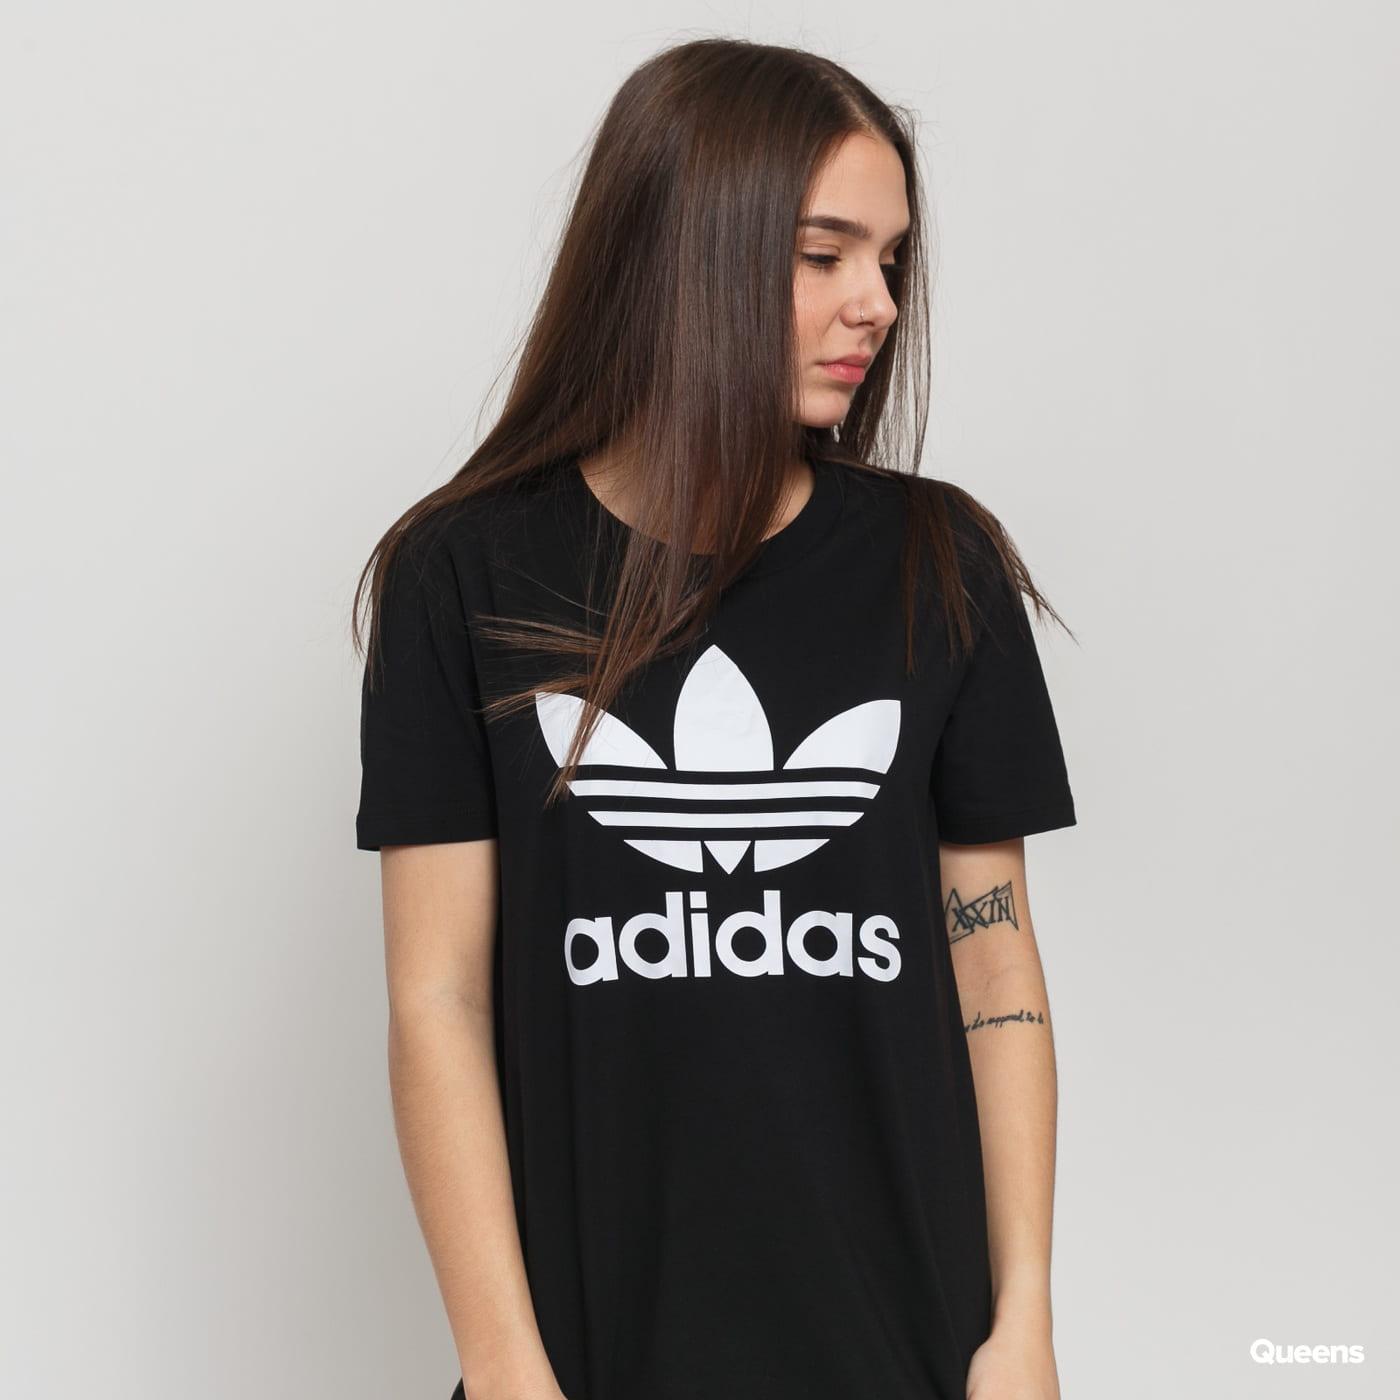 adidas Originals Trefoil Tee black